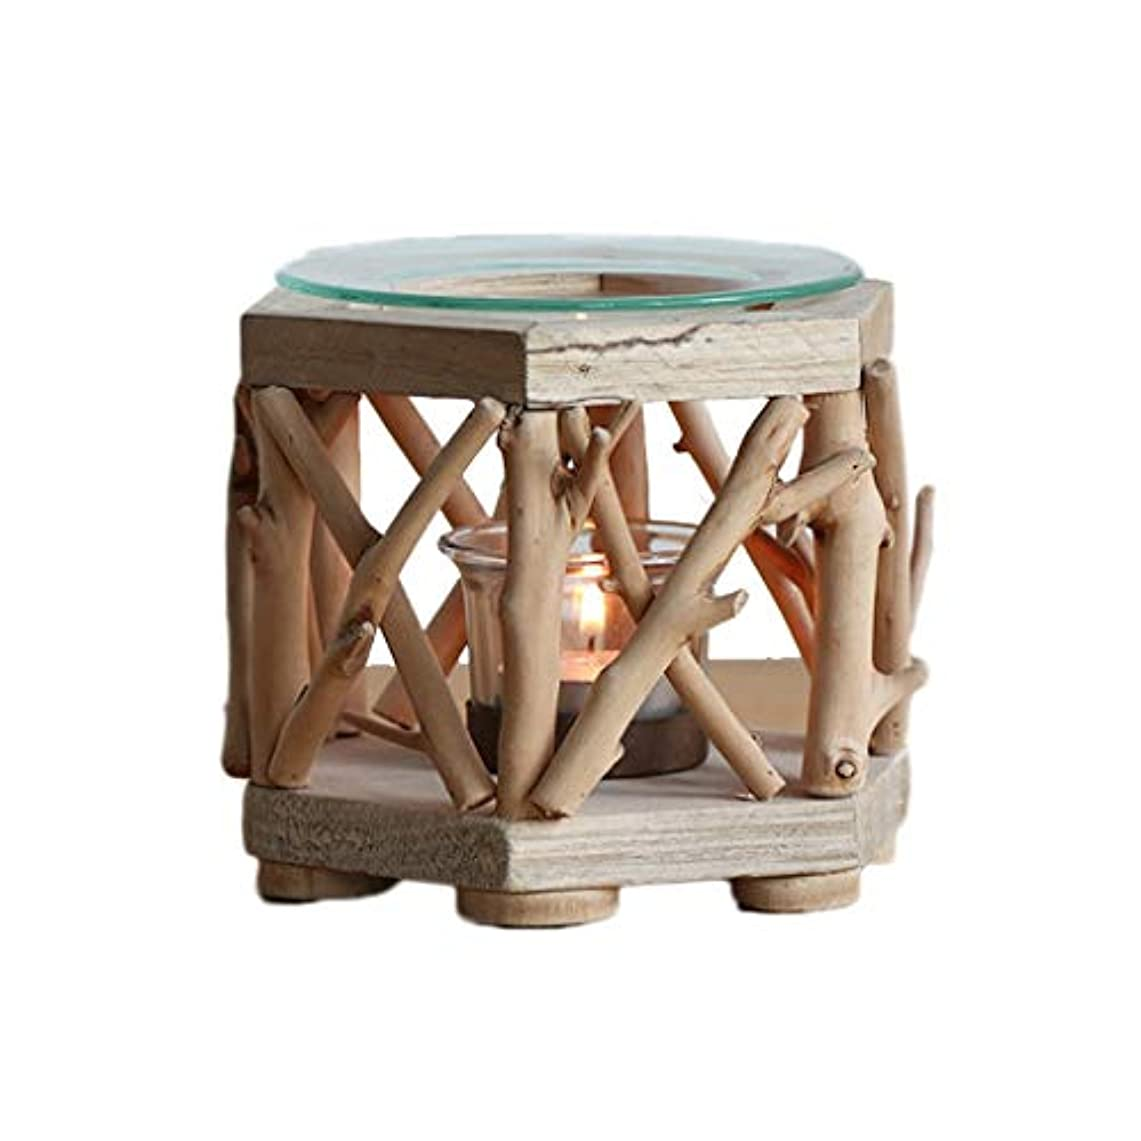 アプライアンス正確なターゲット家庭用木材香ホルダーエッセンシャルオイルアロマ燭台香バーナー寝室アロマセラピー炉香バーナーホルダー (Color : B)